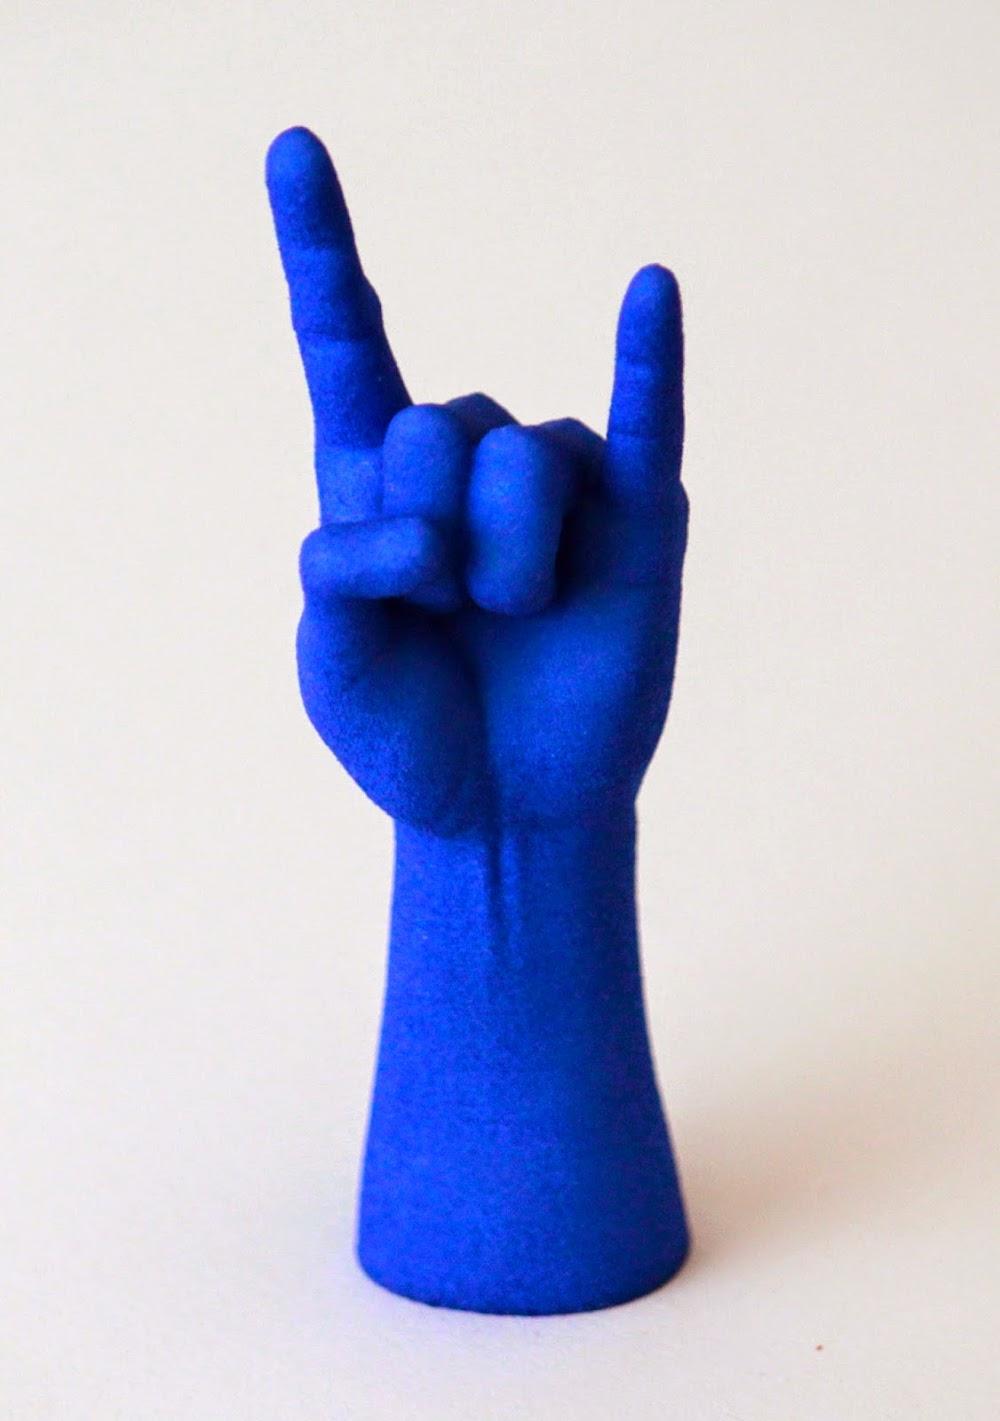 3D printed zombie metal hand